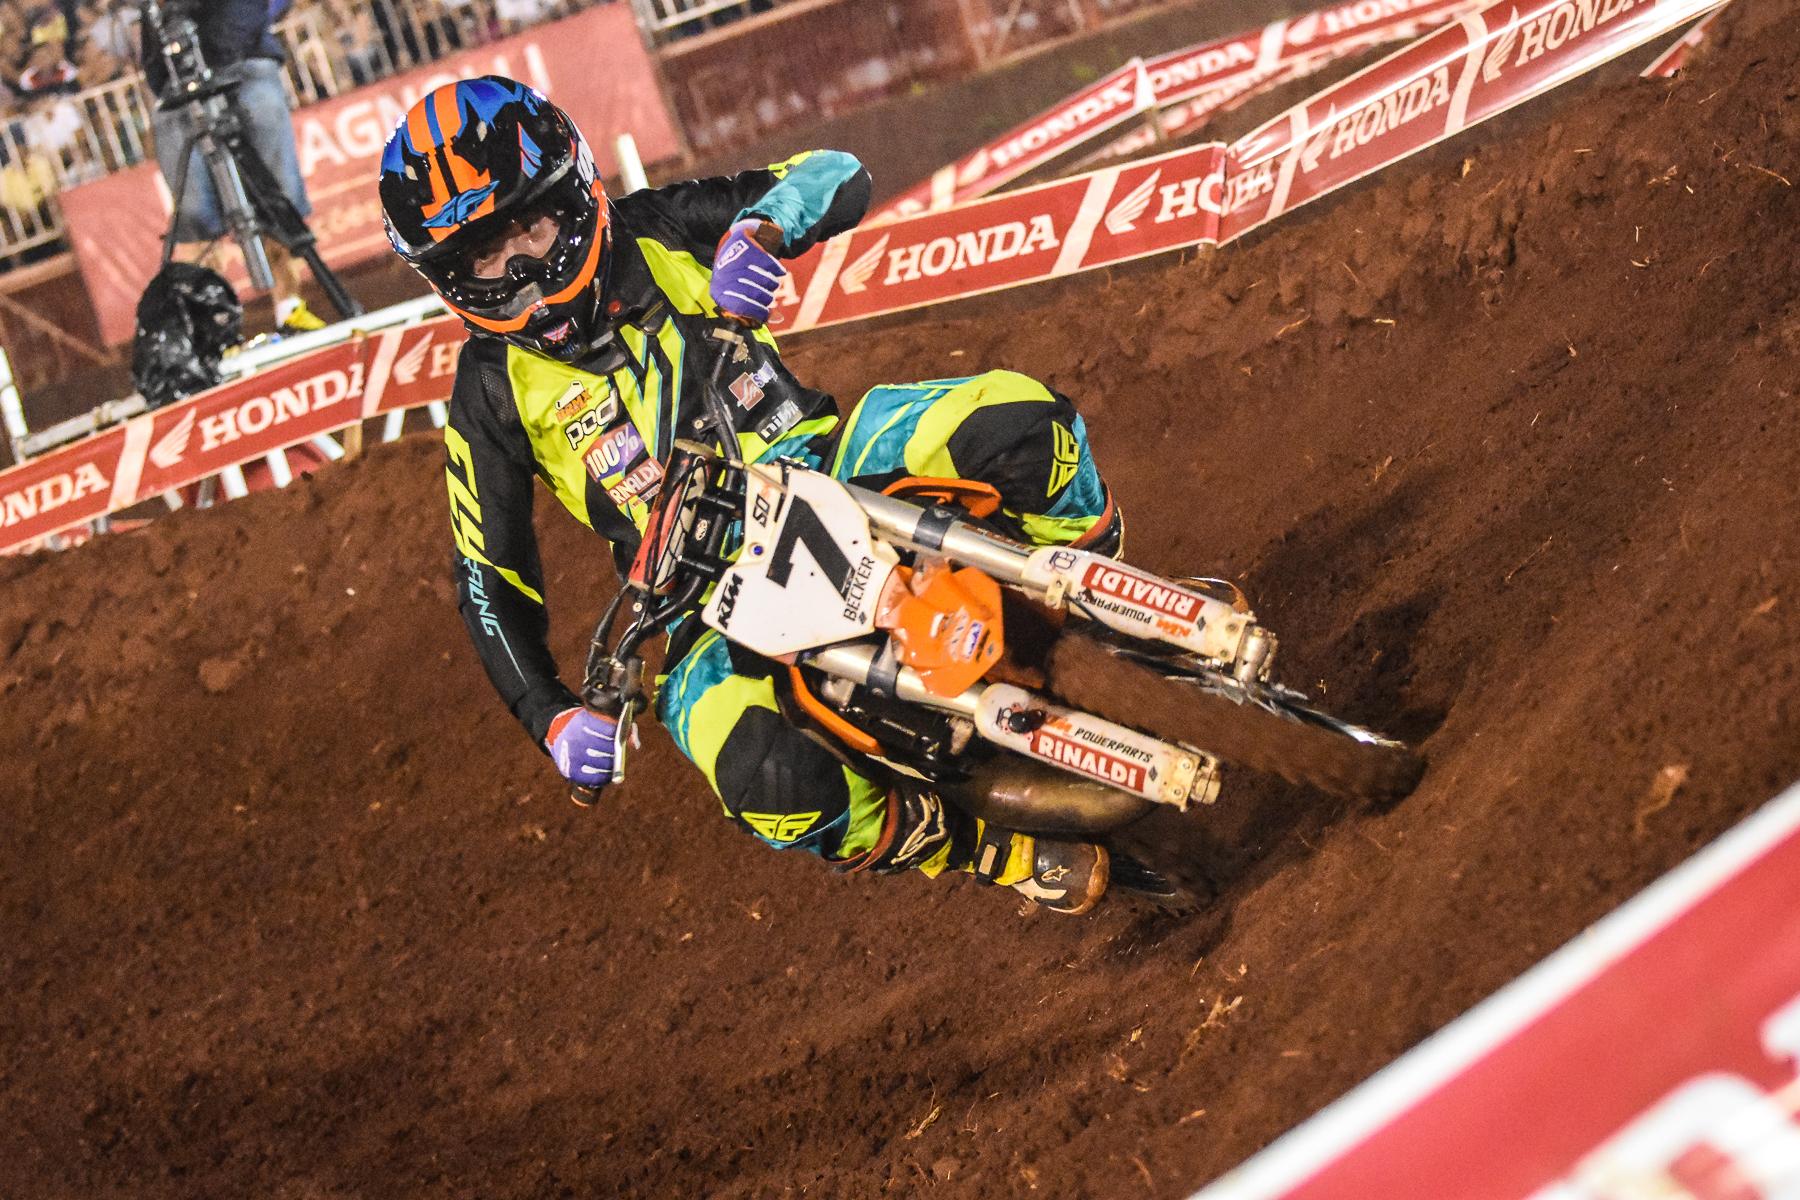 AX - Rafael Becker 50cc